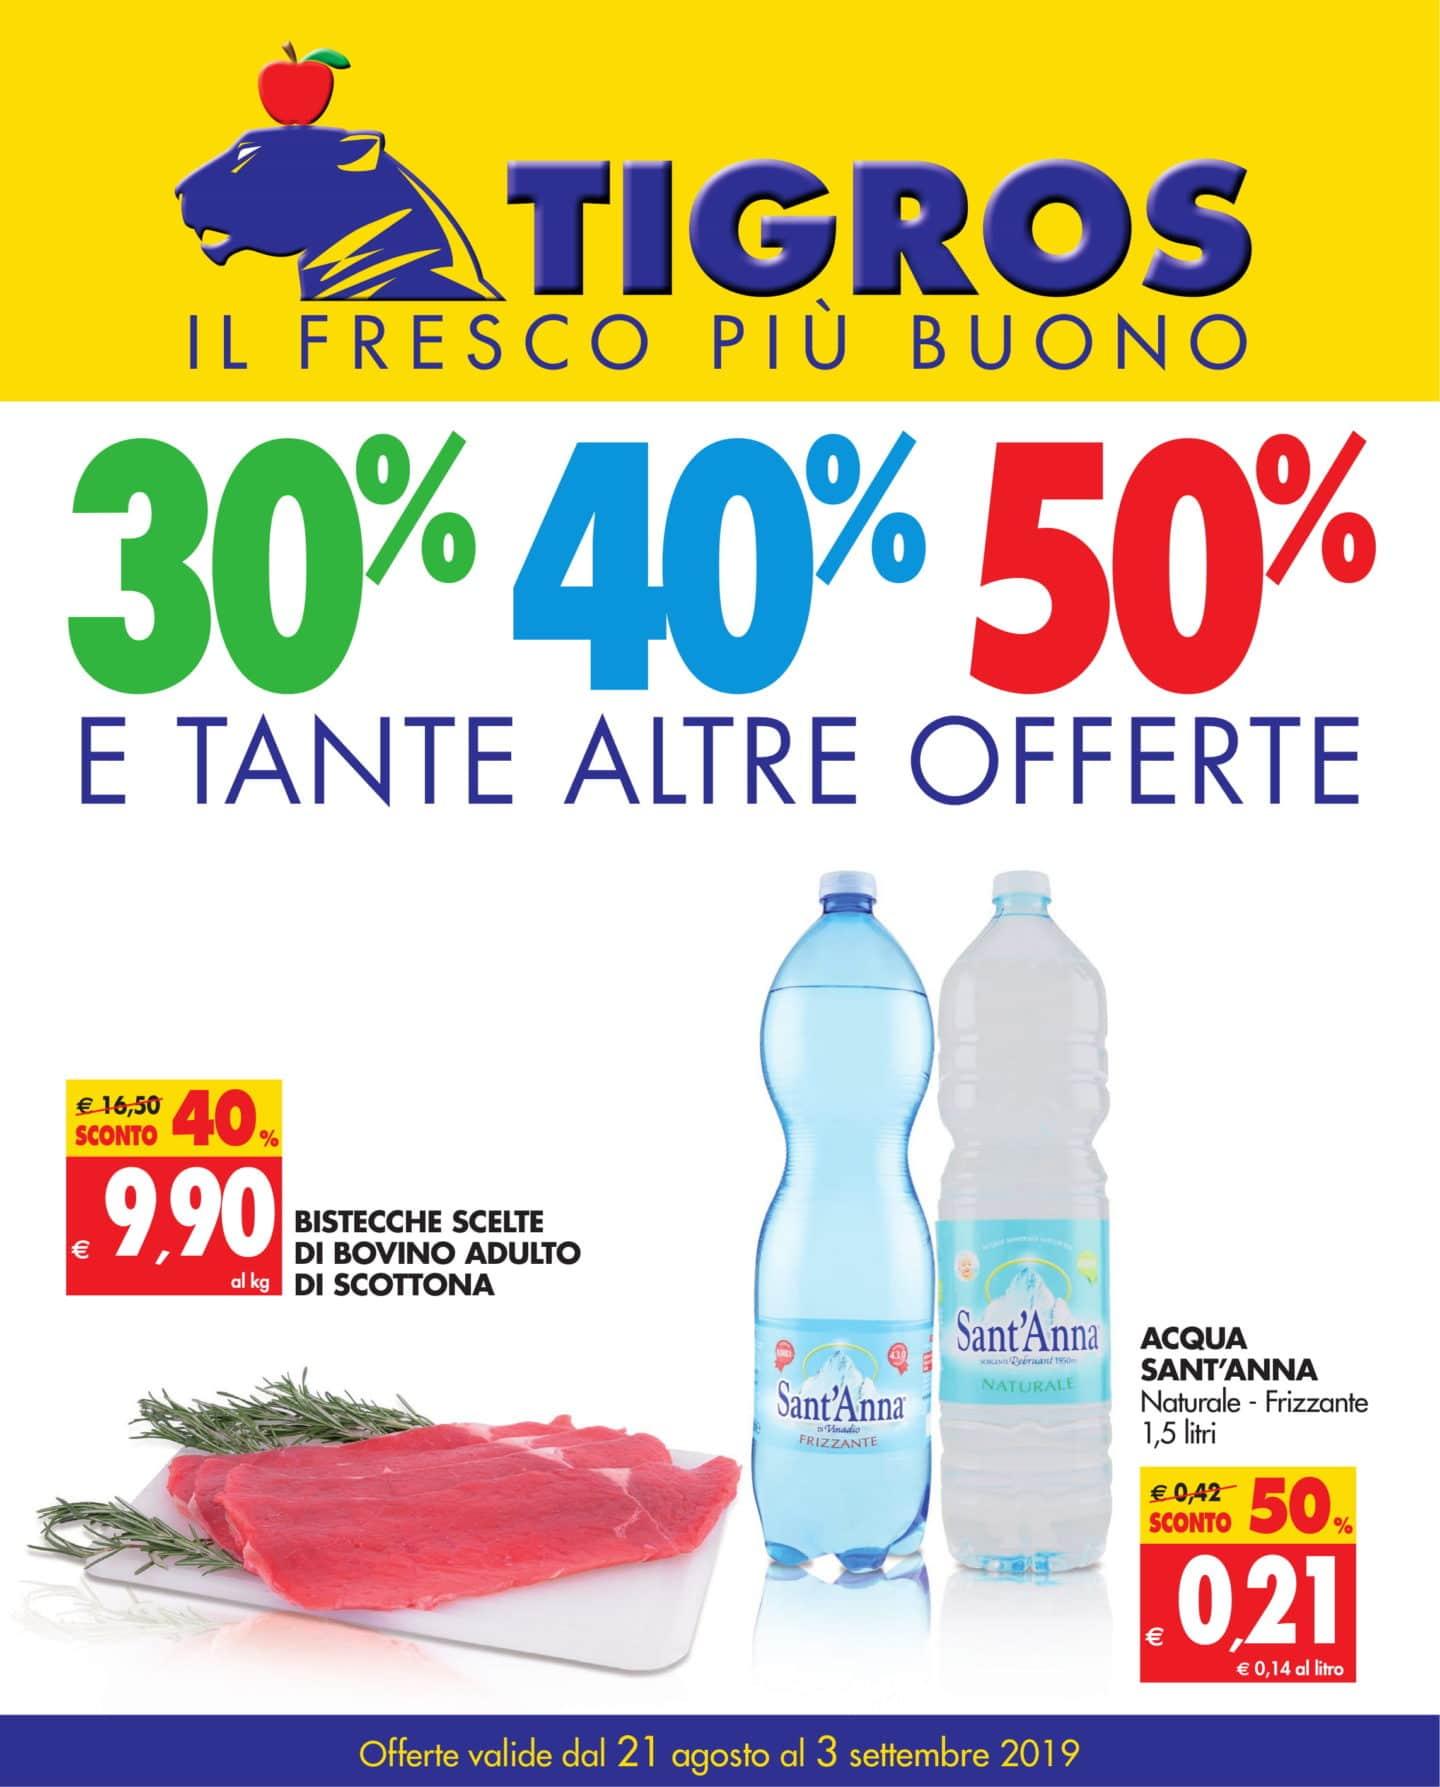 Volantino Tigros 21 Agosto - 3 Settembre 2019